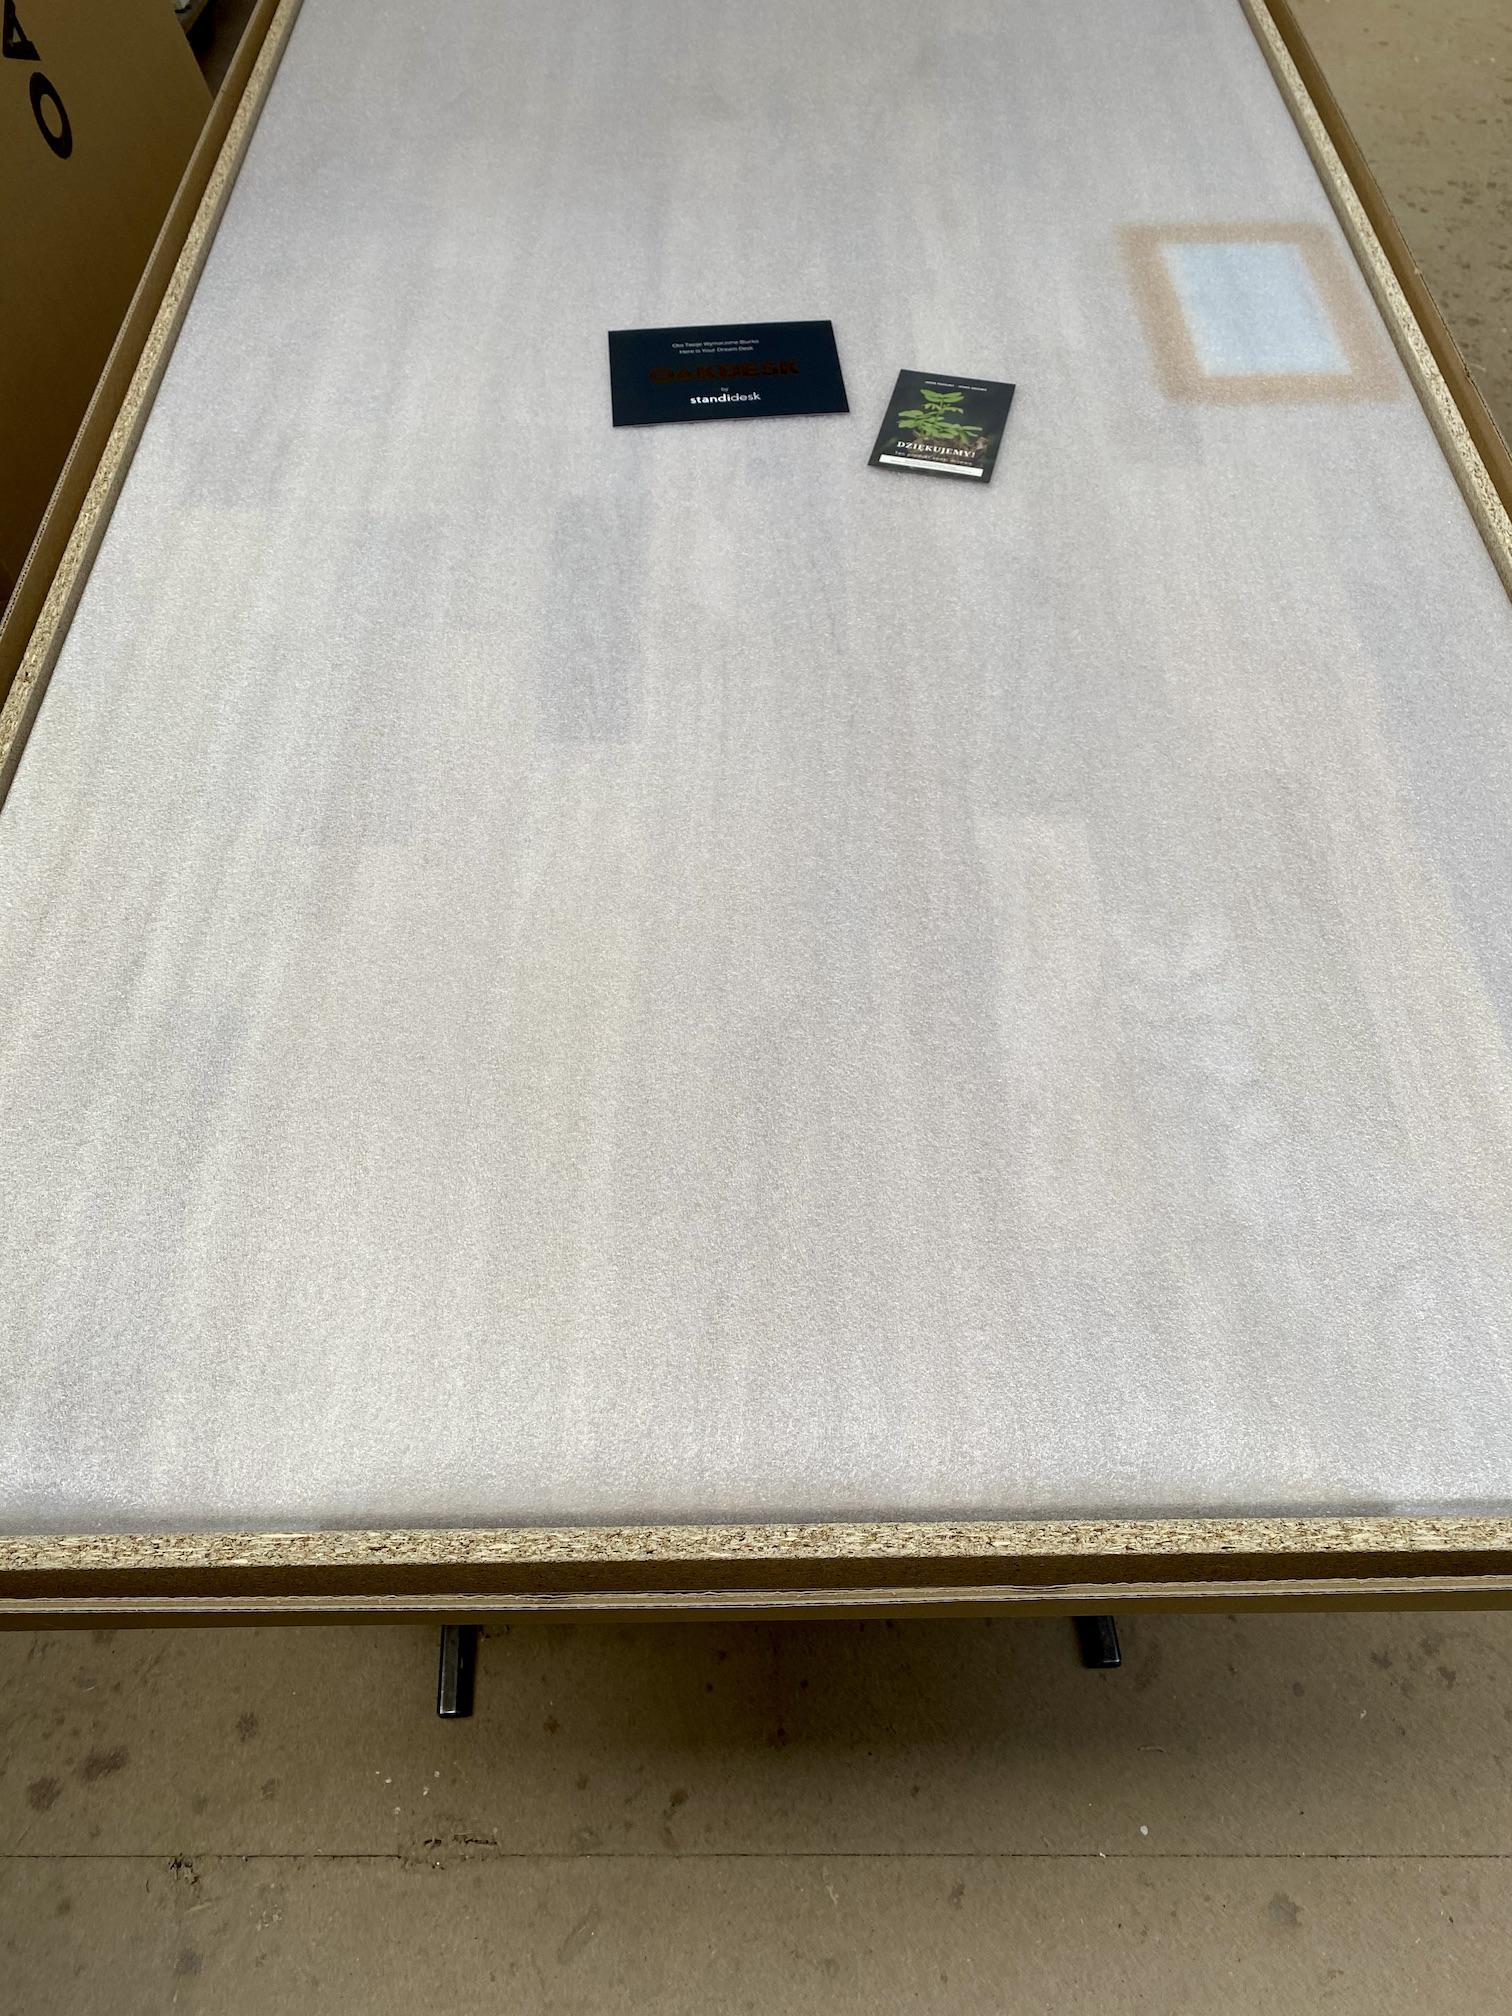 OAKDESK - biurko regulowane elektrycznie z blatem dąb naturalna krawędź premium 25